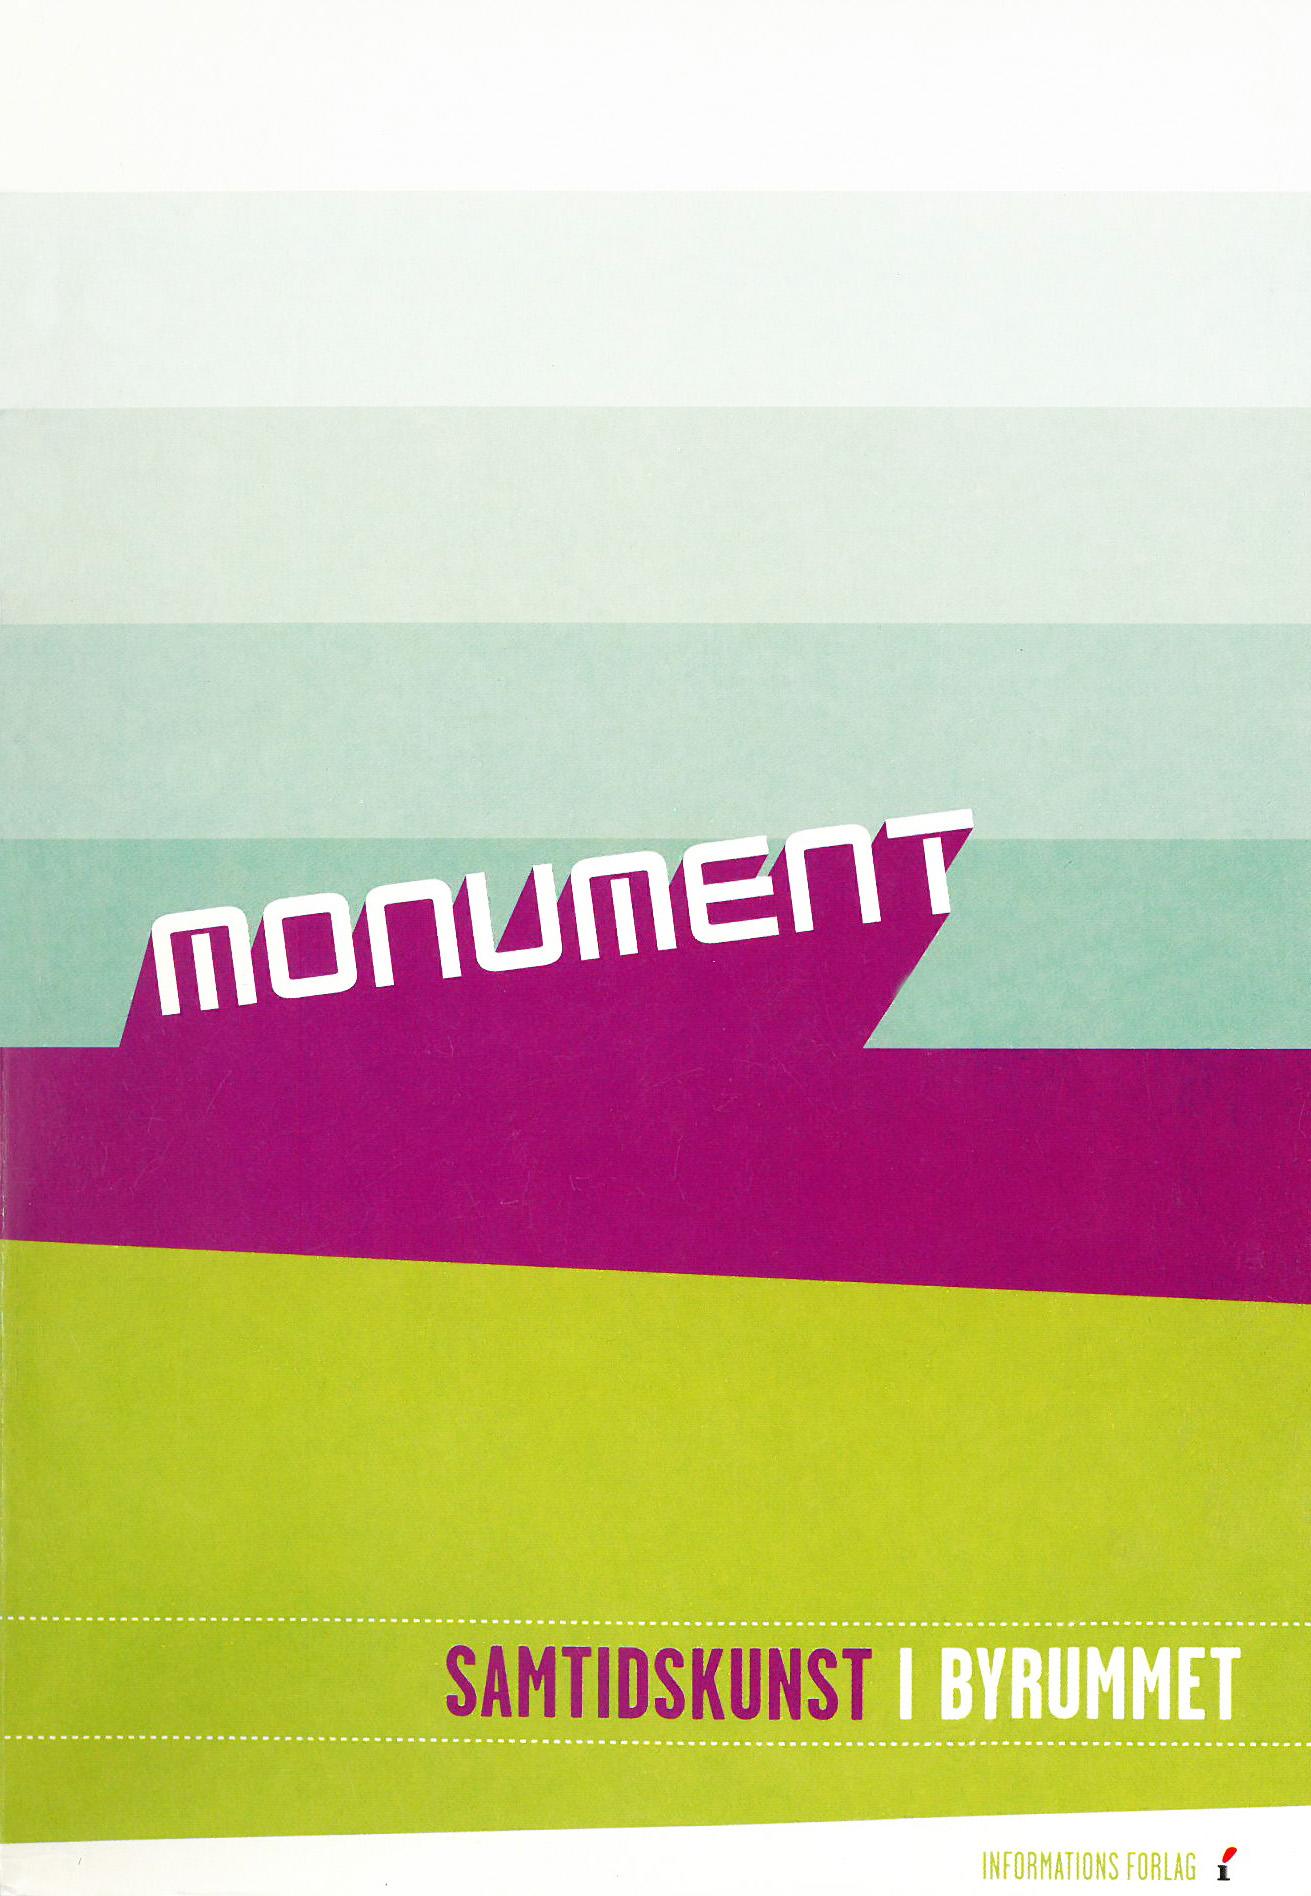 monument_cover.jpg